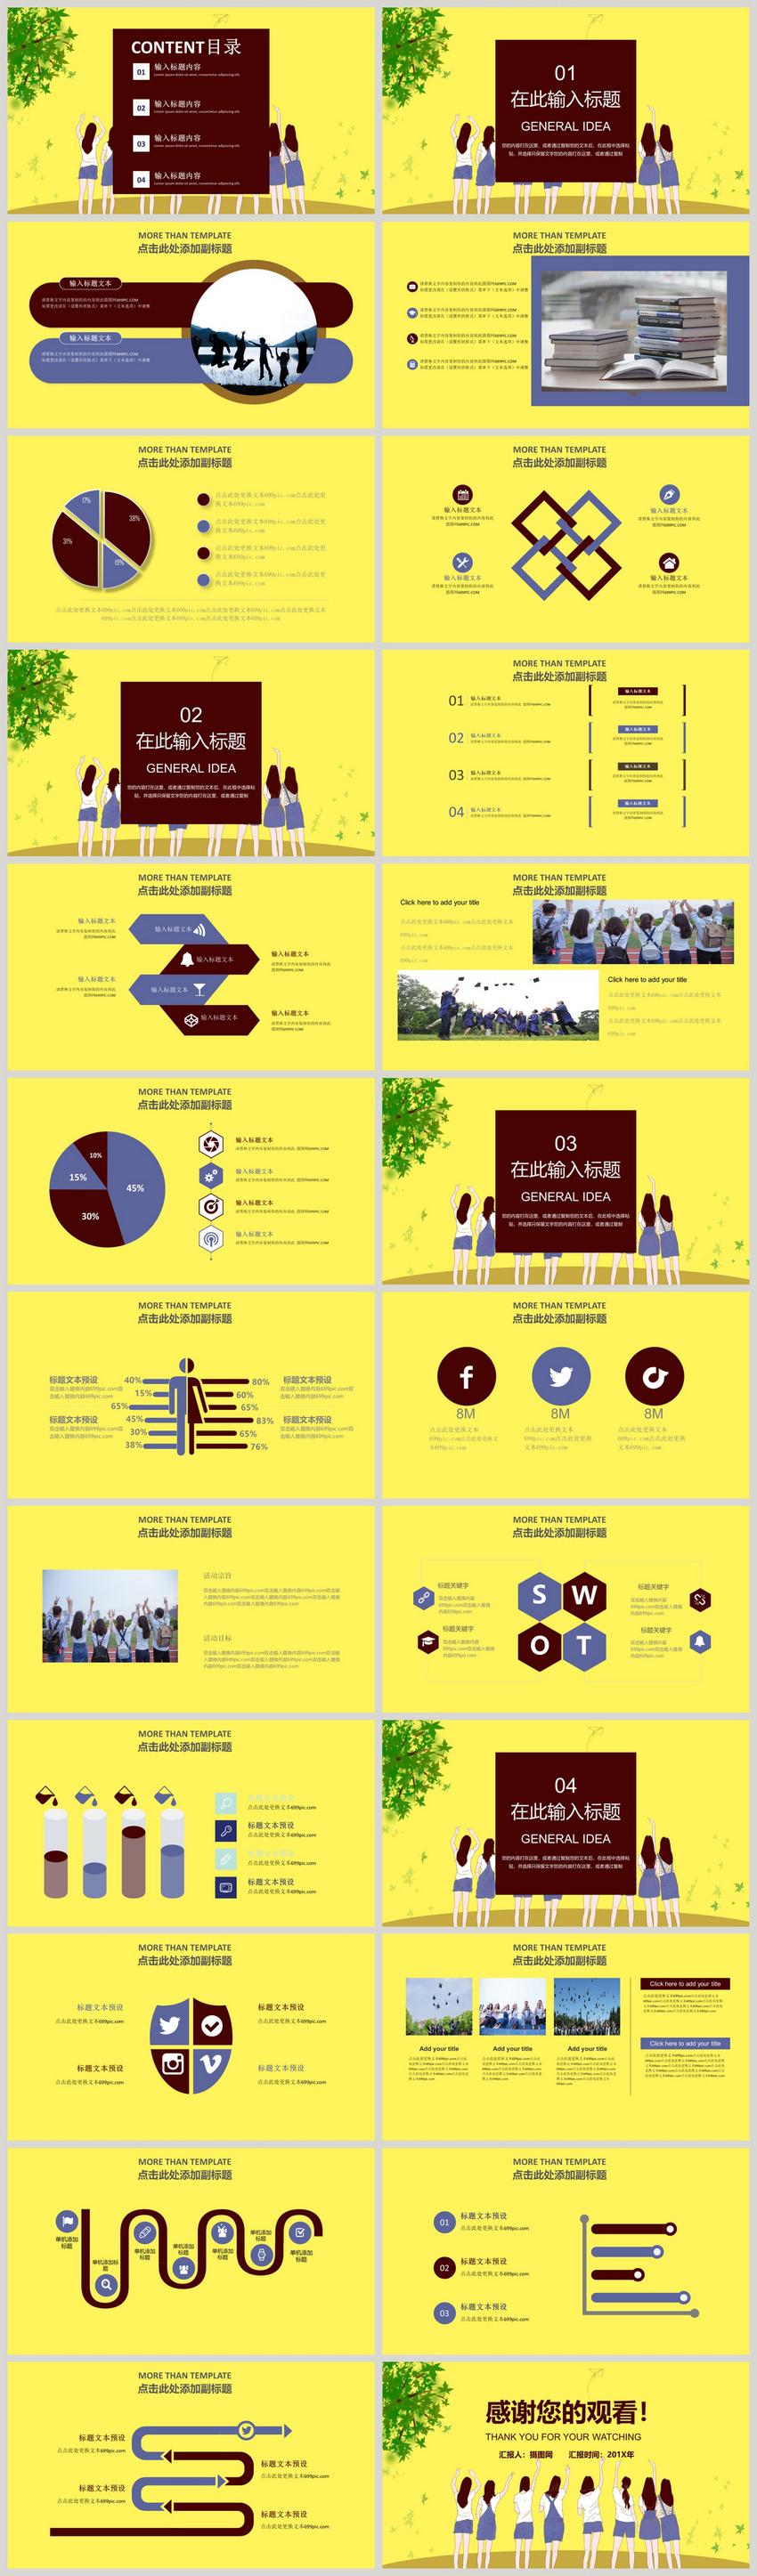 毕业季活动策划PPT模板图片